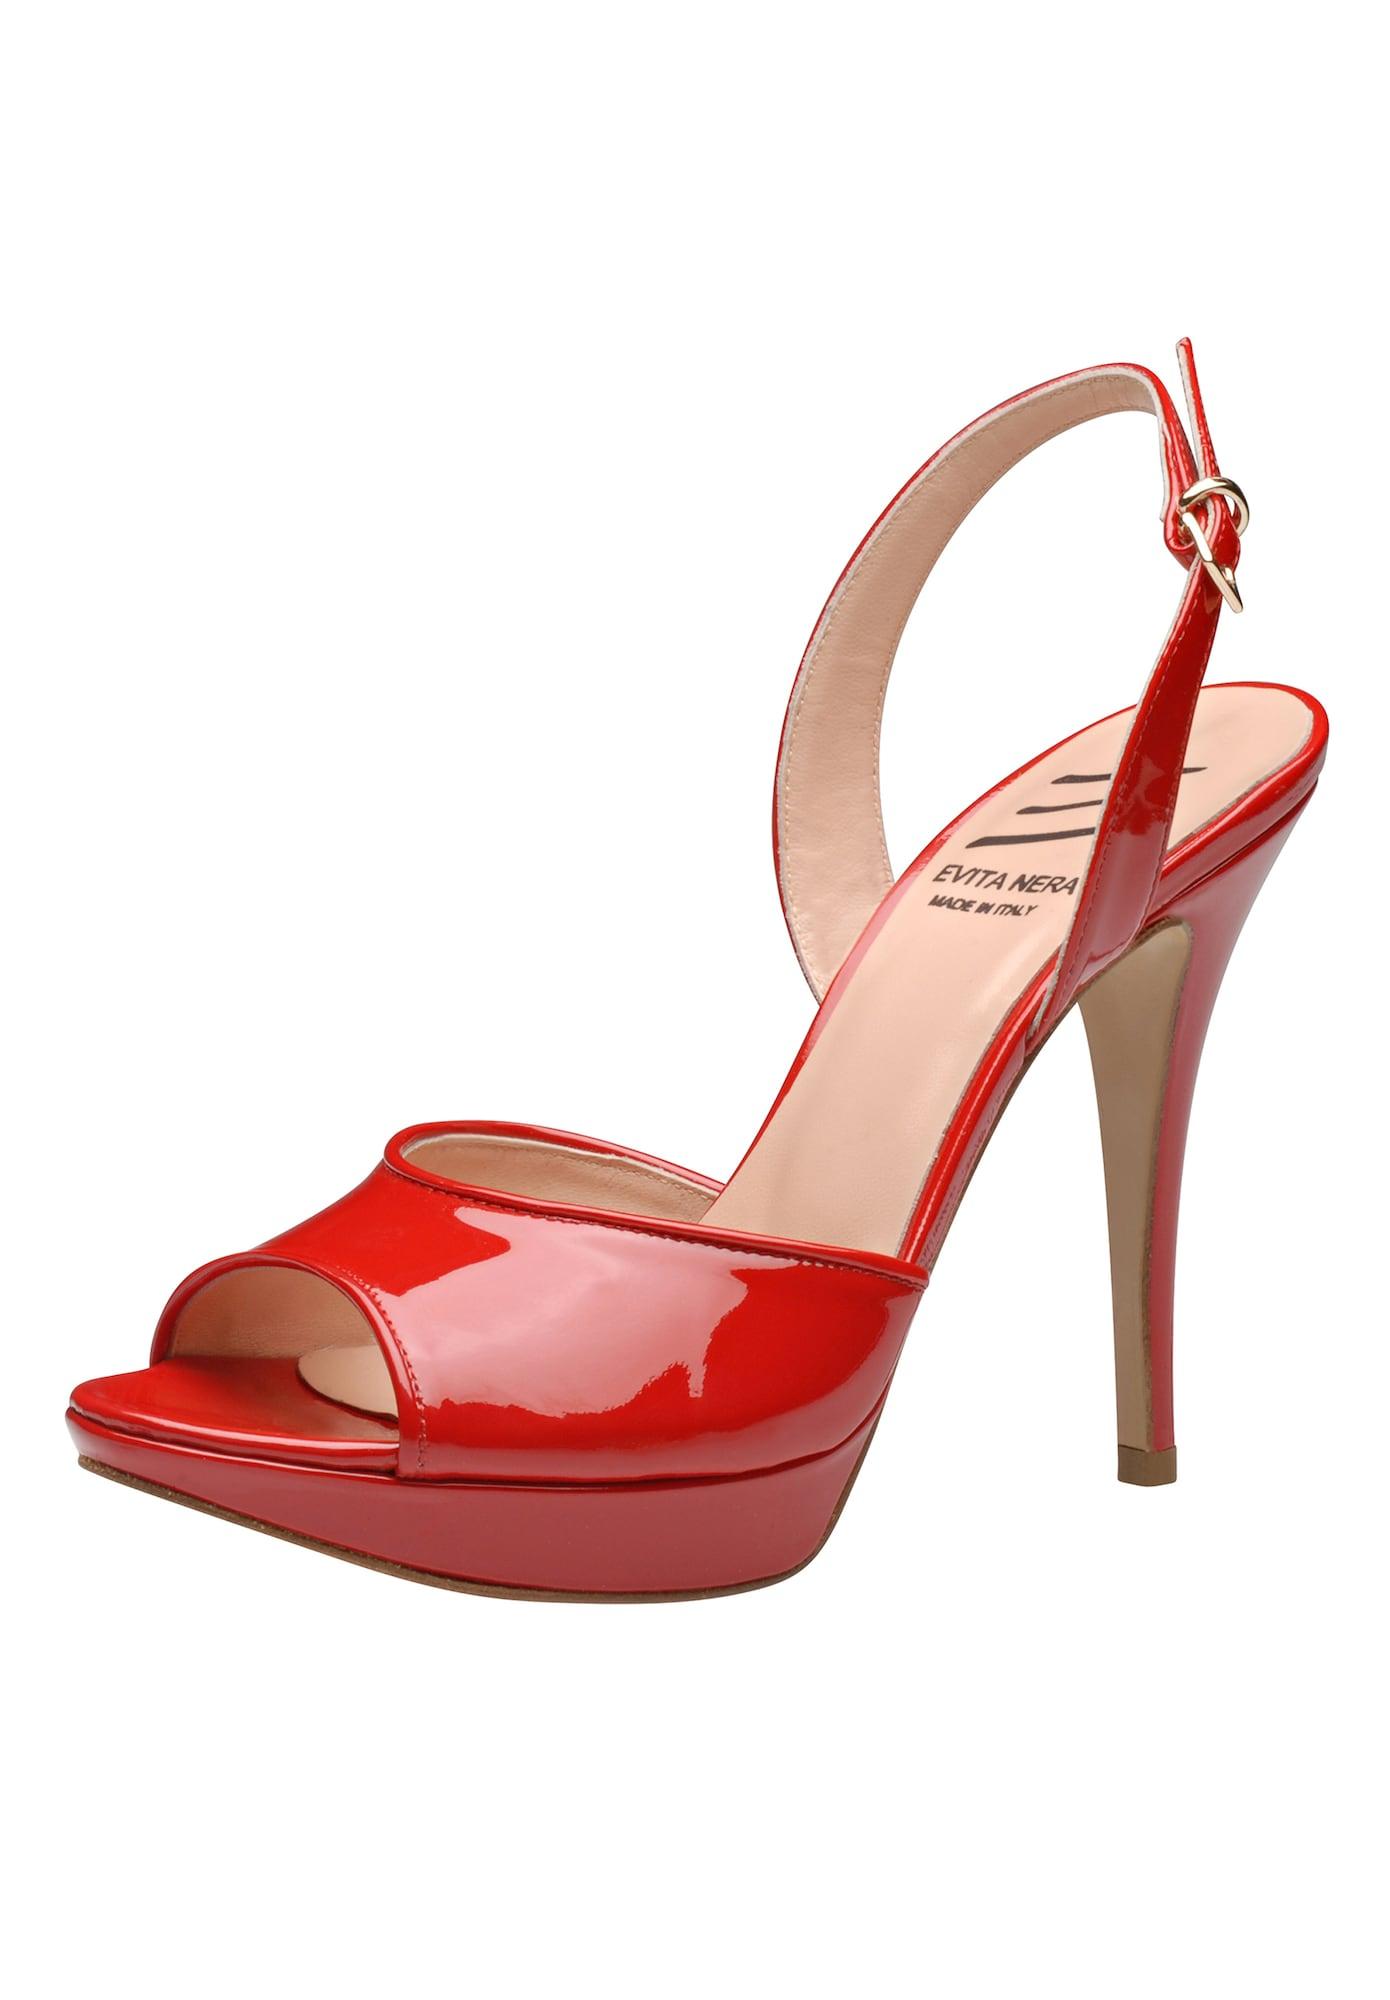 Entspannt und feminin: Diese klassischen Sandaletten von